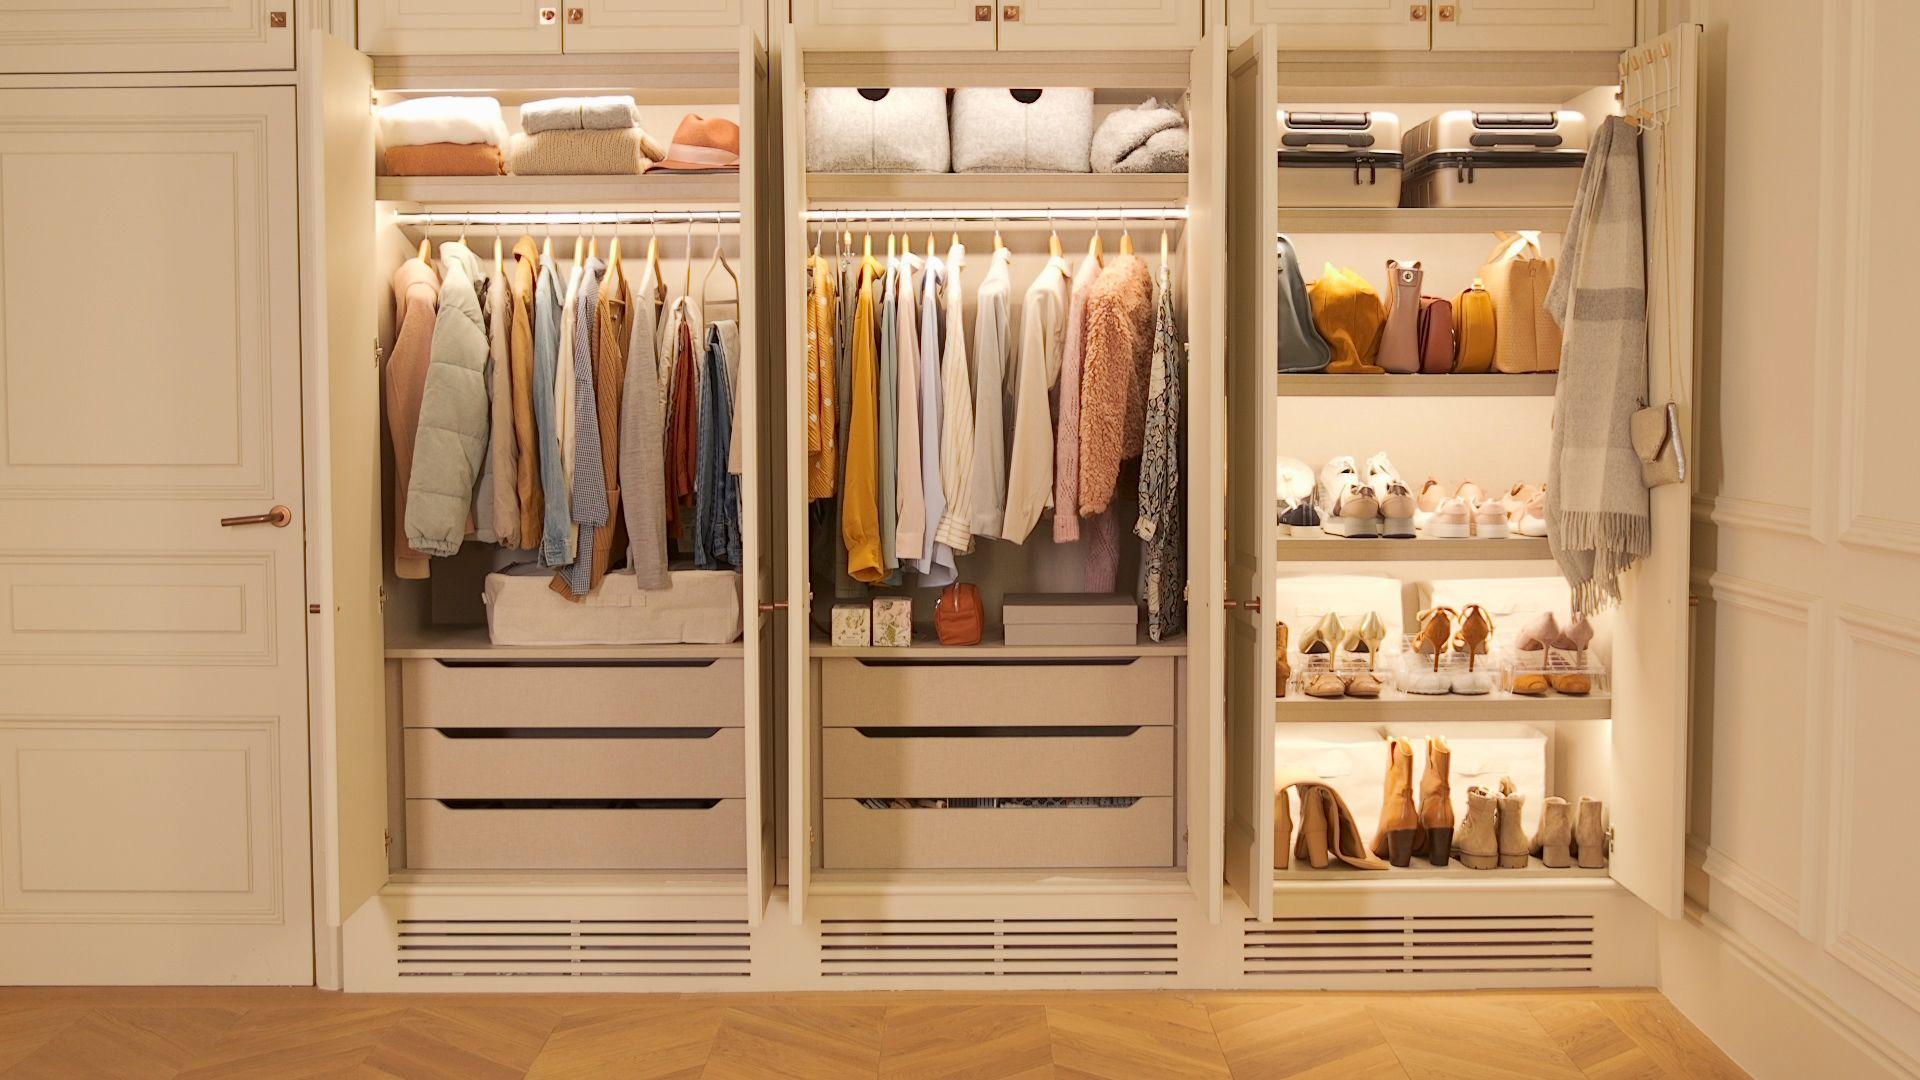 Cómo organizar el armario perfecto según la ropa y su uso